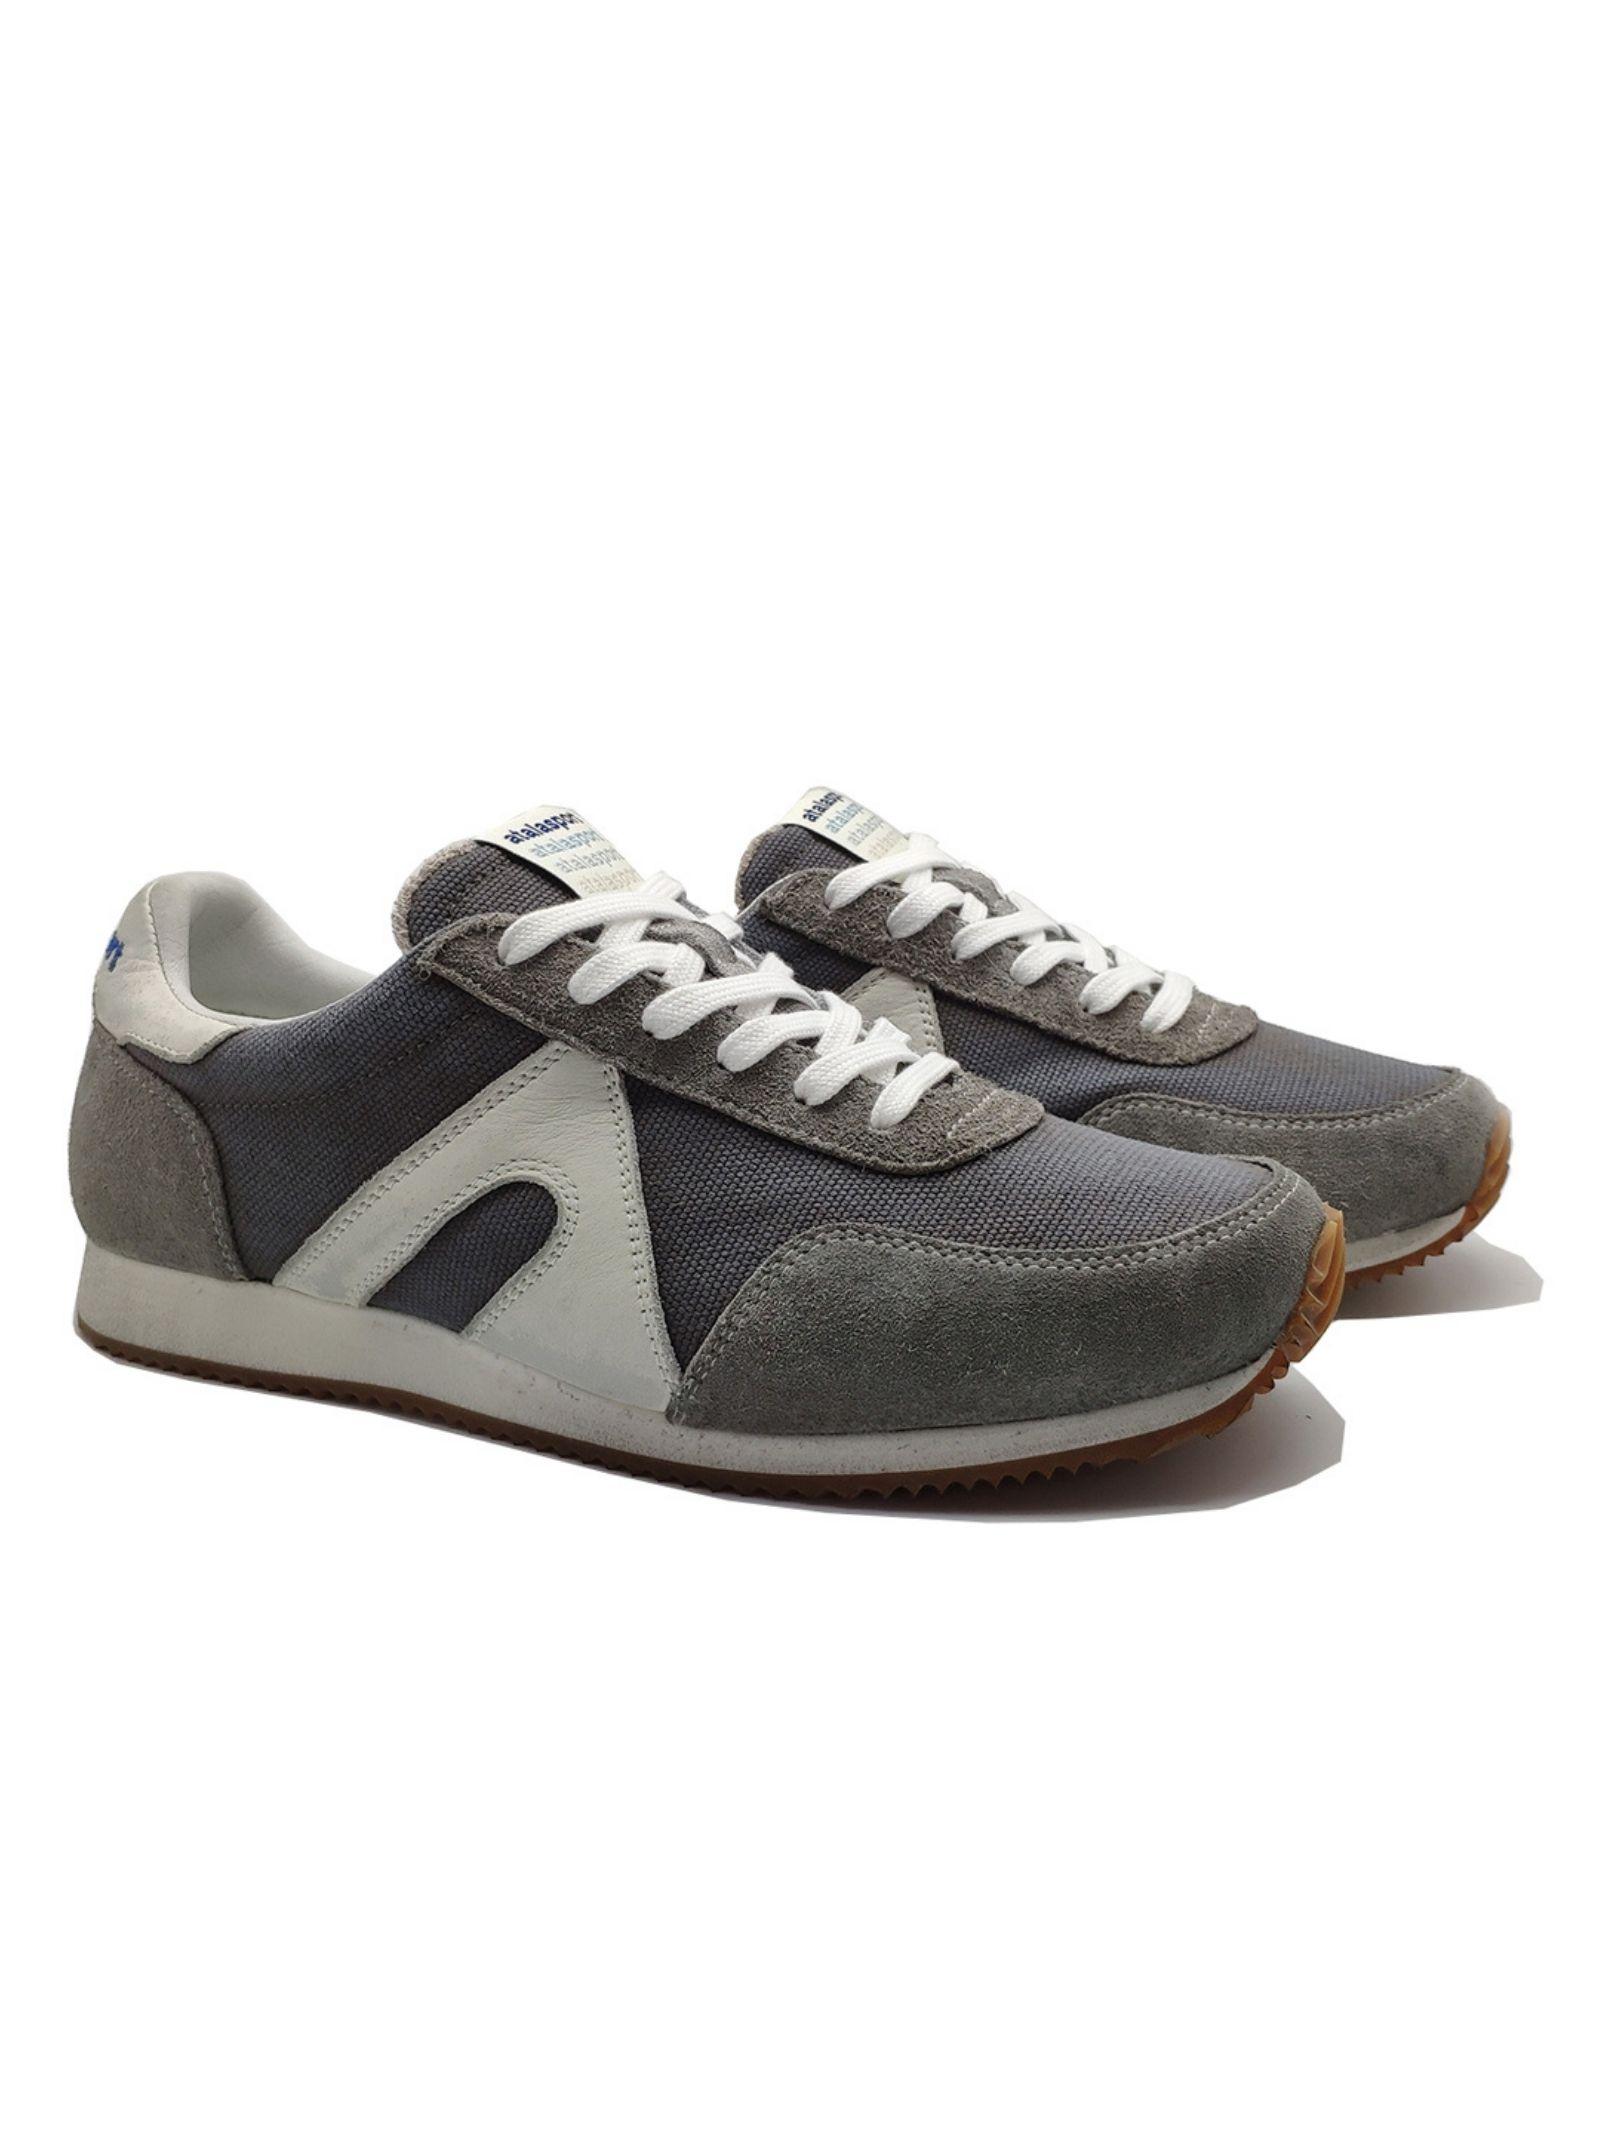 Calzature Uomo Sneakers Stringate in Tessuto Tecnico e Camoscio Grigio con Fondo Running Bianco Atala   Sneakers   10010GRIGIO